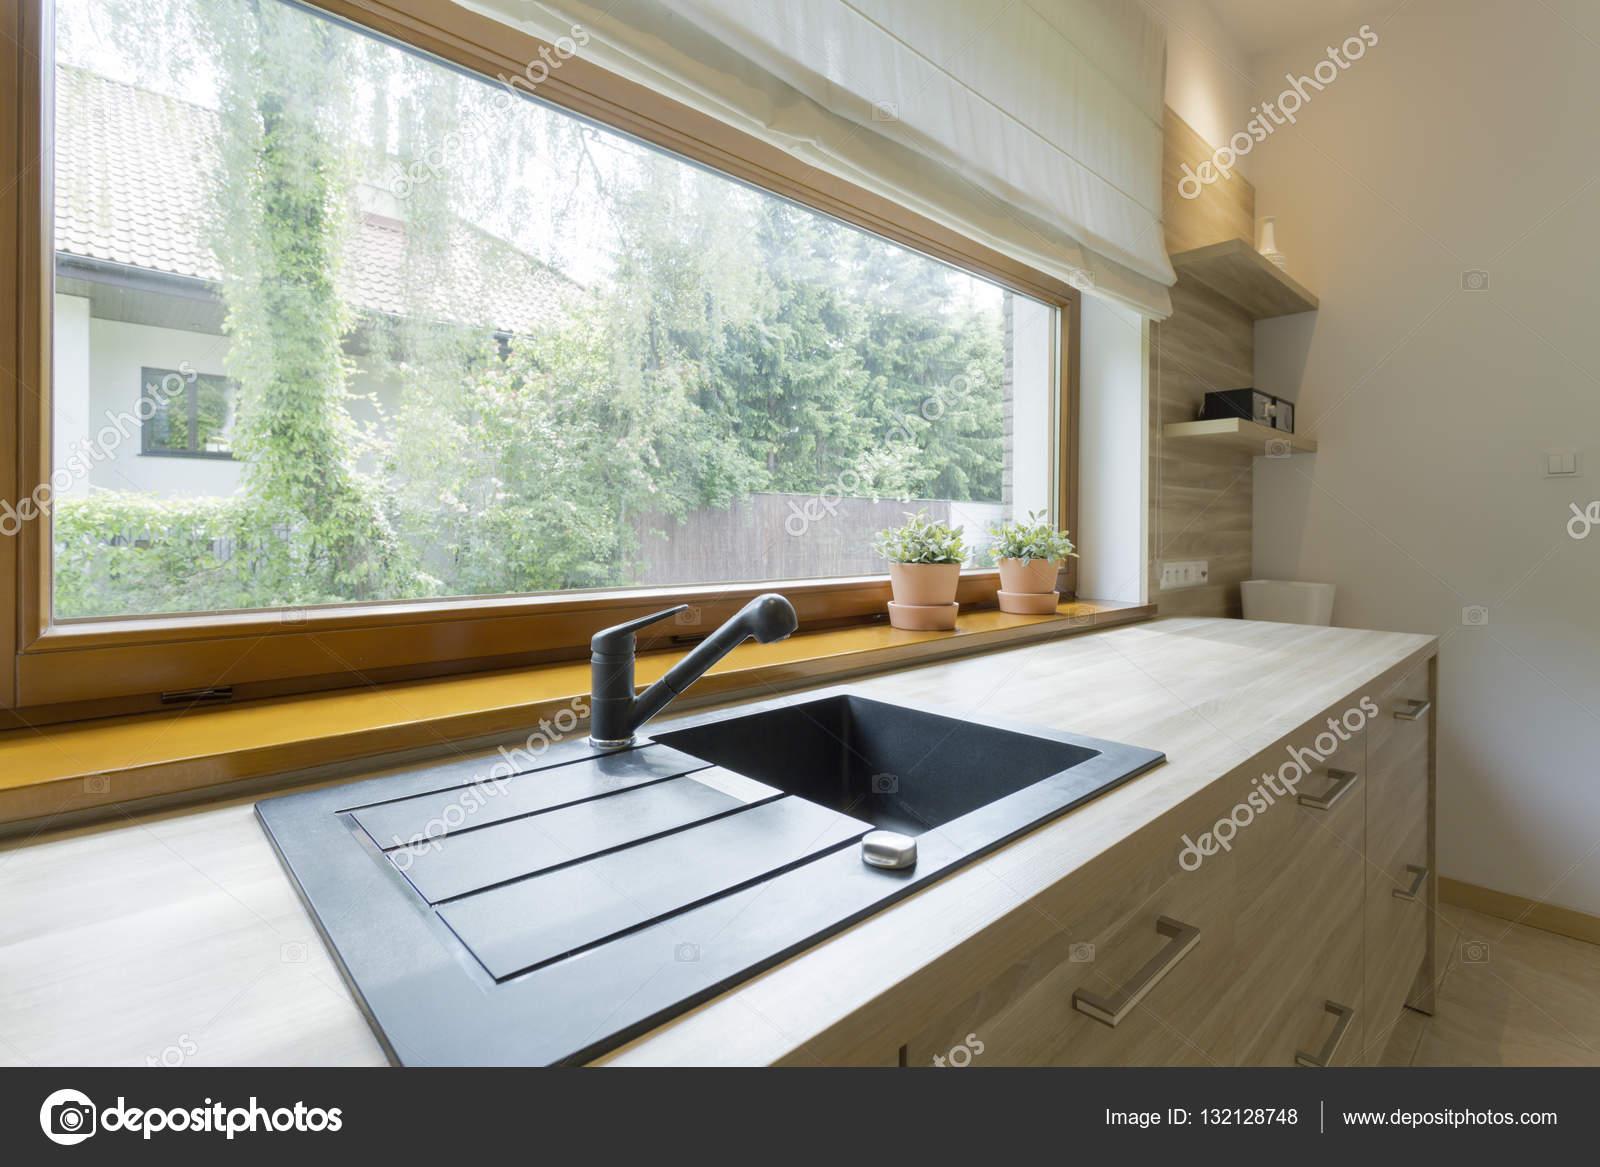 Cocina luminosa con vistas panorámicas del barrio — Foto de stock ...